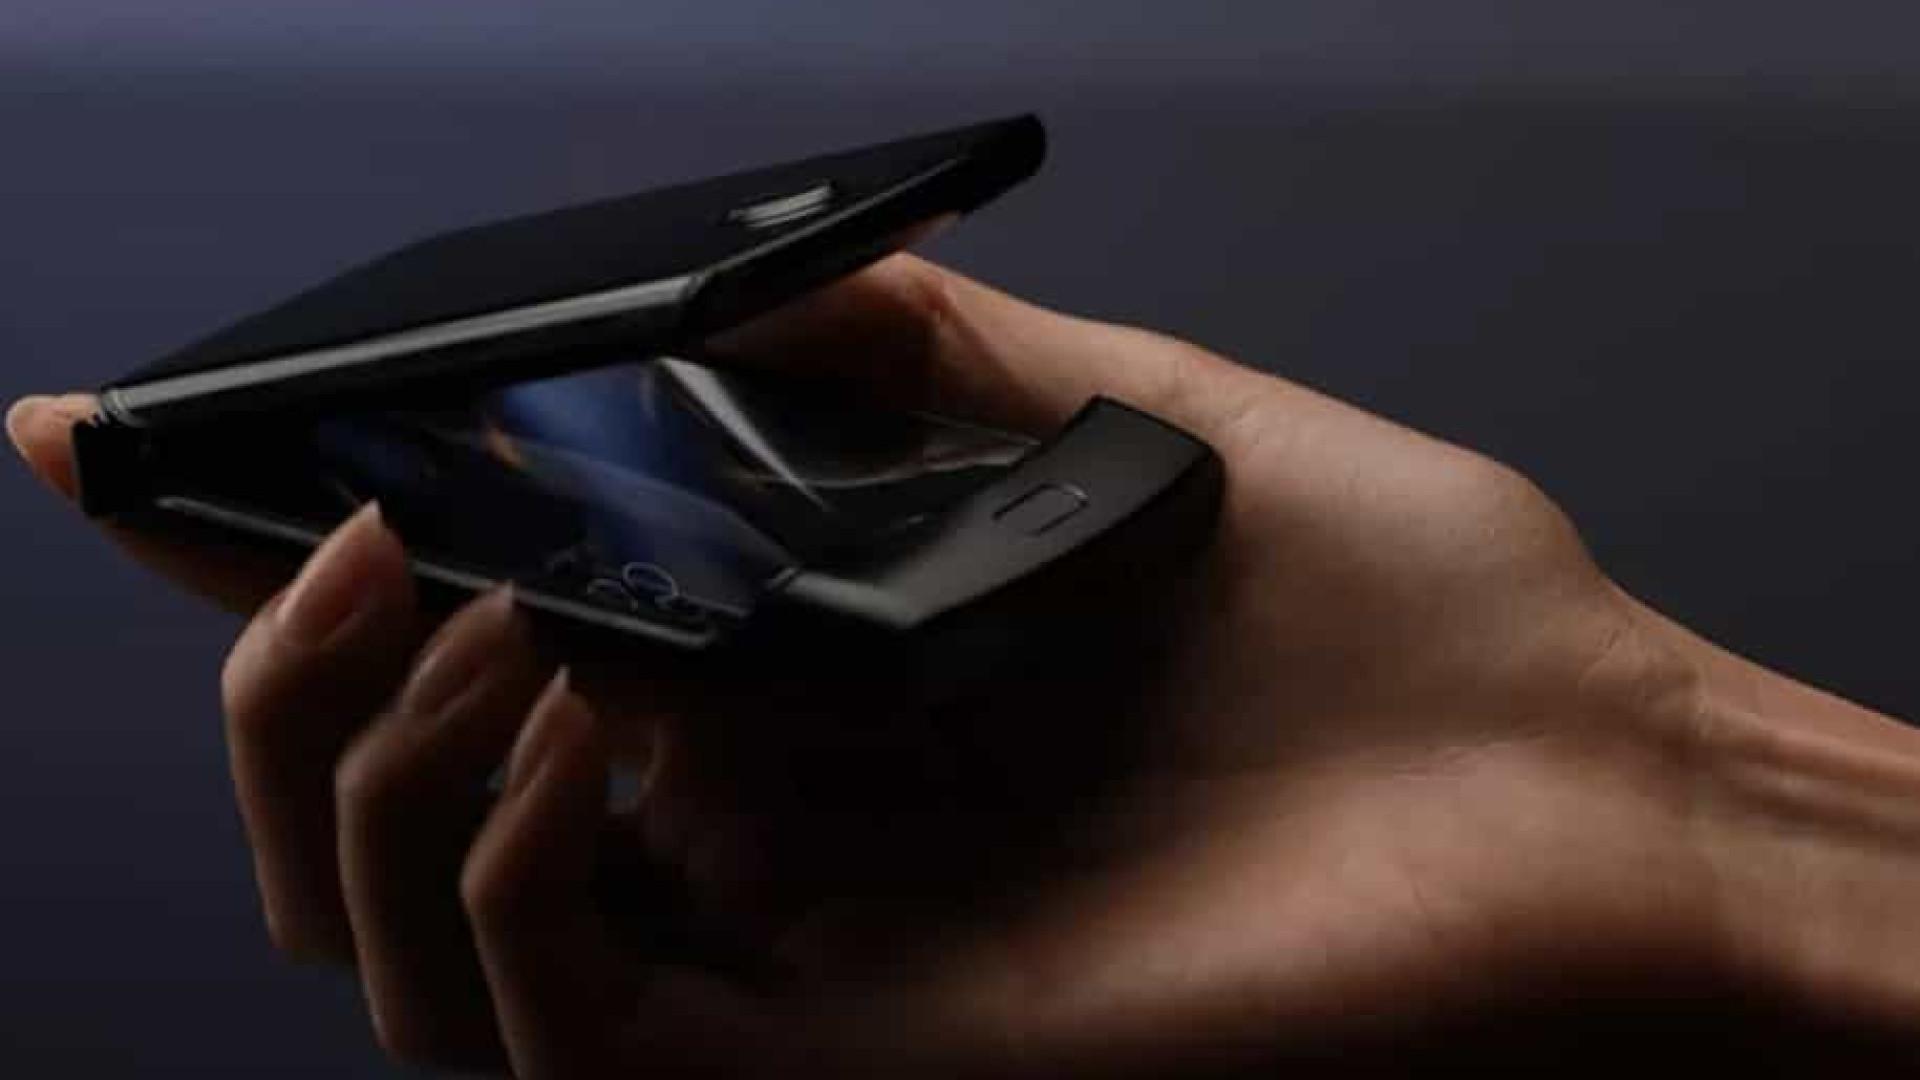 Motorola Razr de tela dobrável pode ter sido revelado antes de tempo